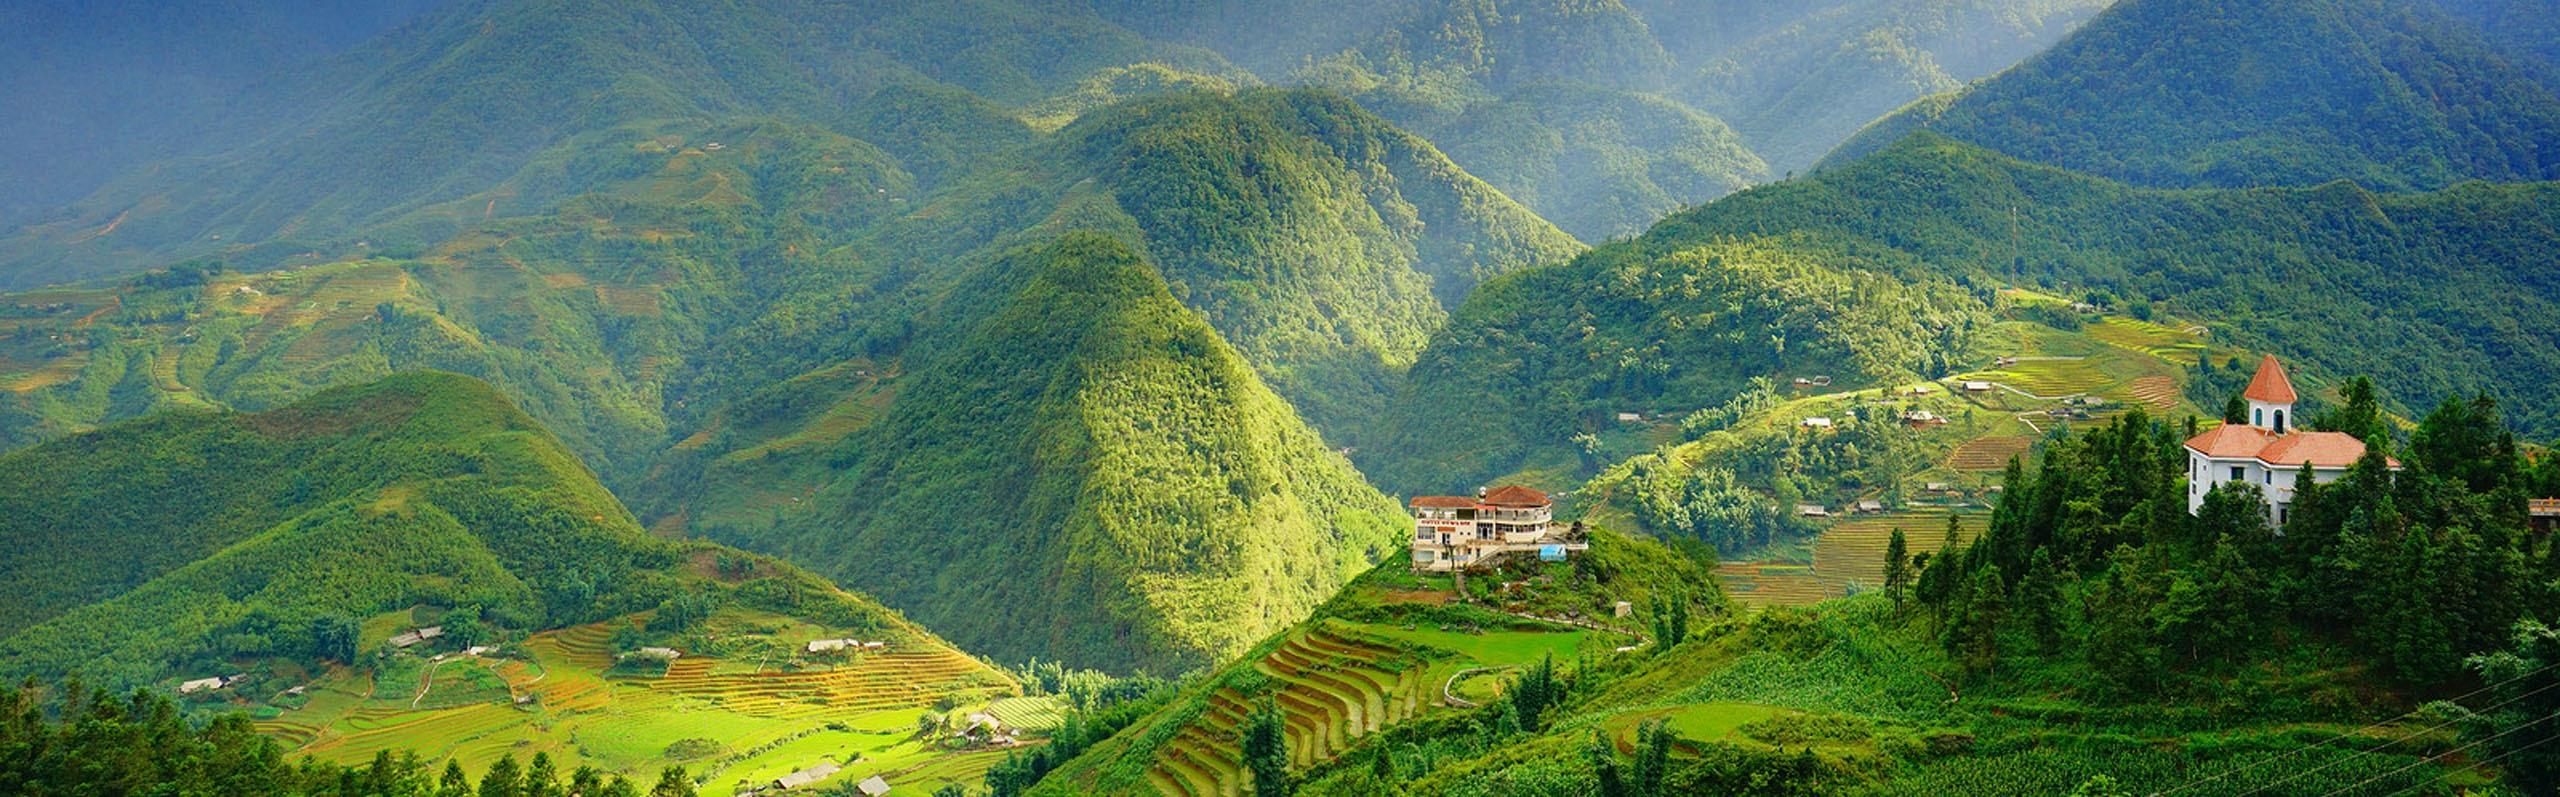 Best Places to Trek in Vietnam